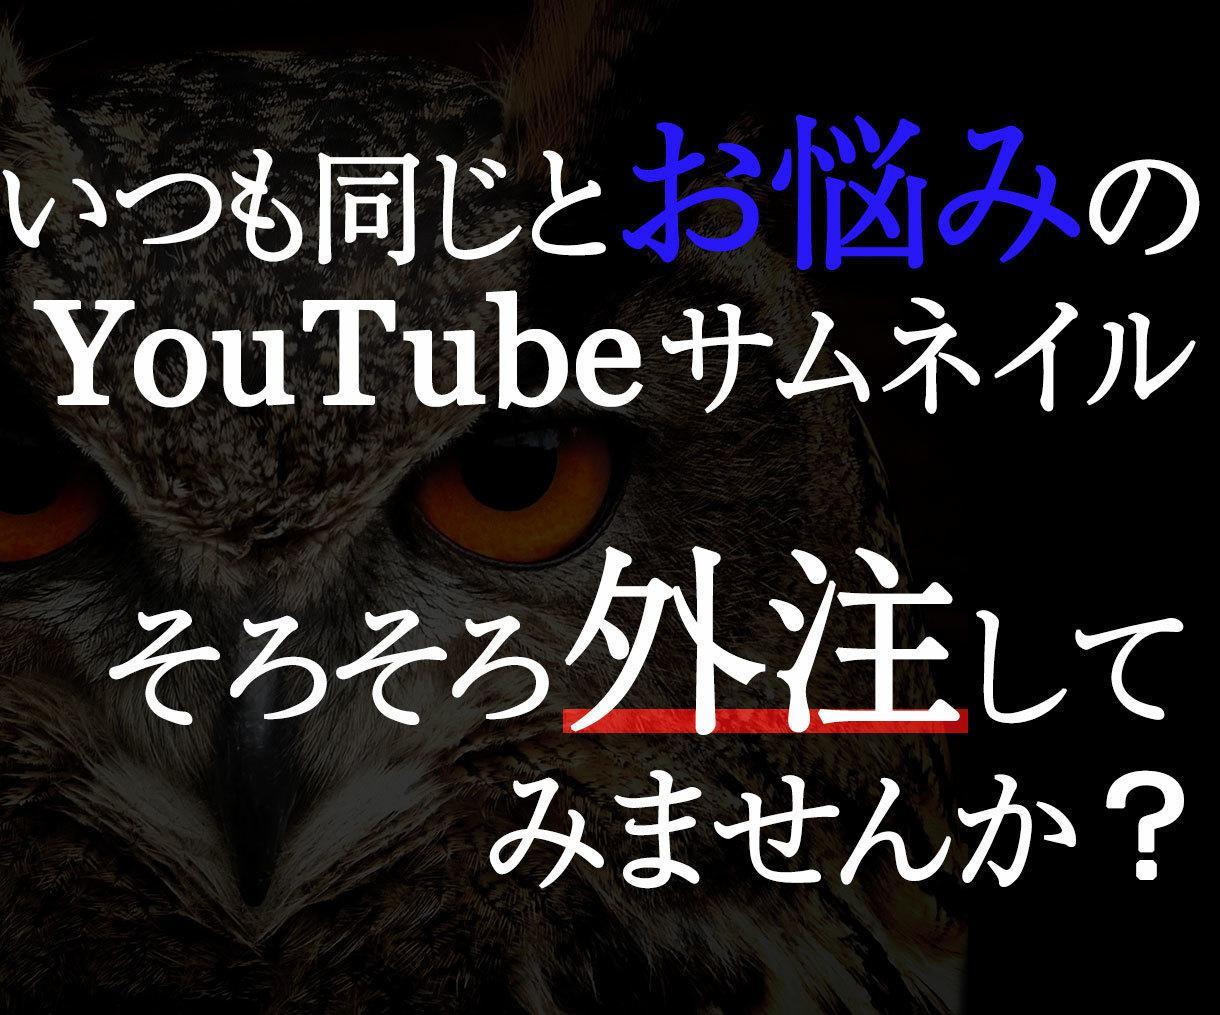 視聴者に訴求するサムネ作成します YouTubeがクリックされるためにできる初期投資です。 イメージ1